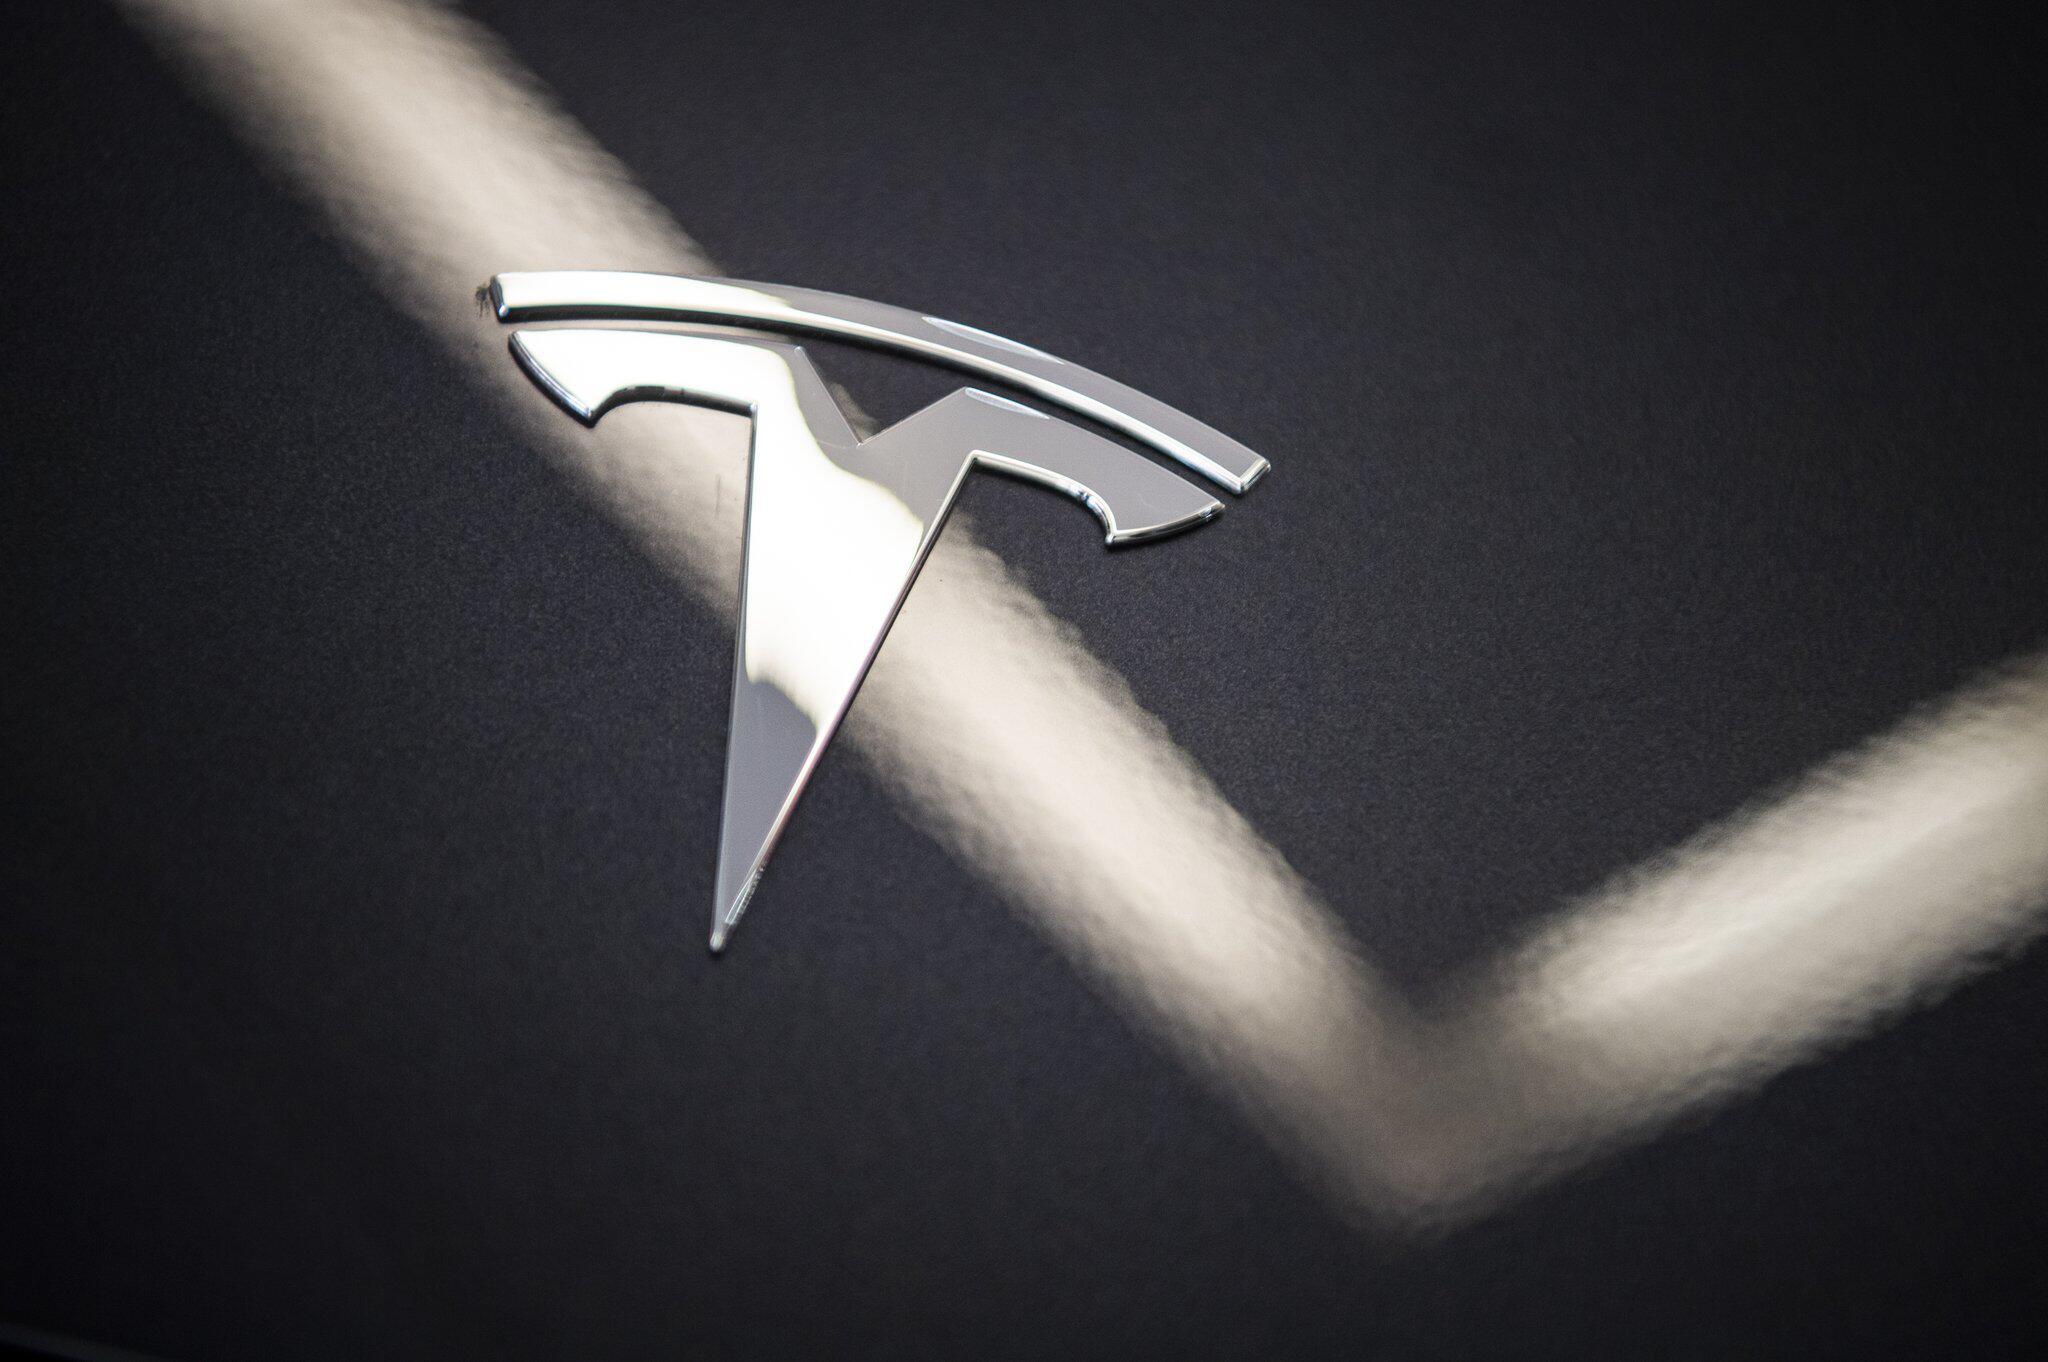 Bild zu Tesla erneut mit hohem Verlust - Aktie stürzt nachbörslich ab